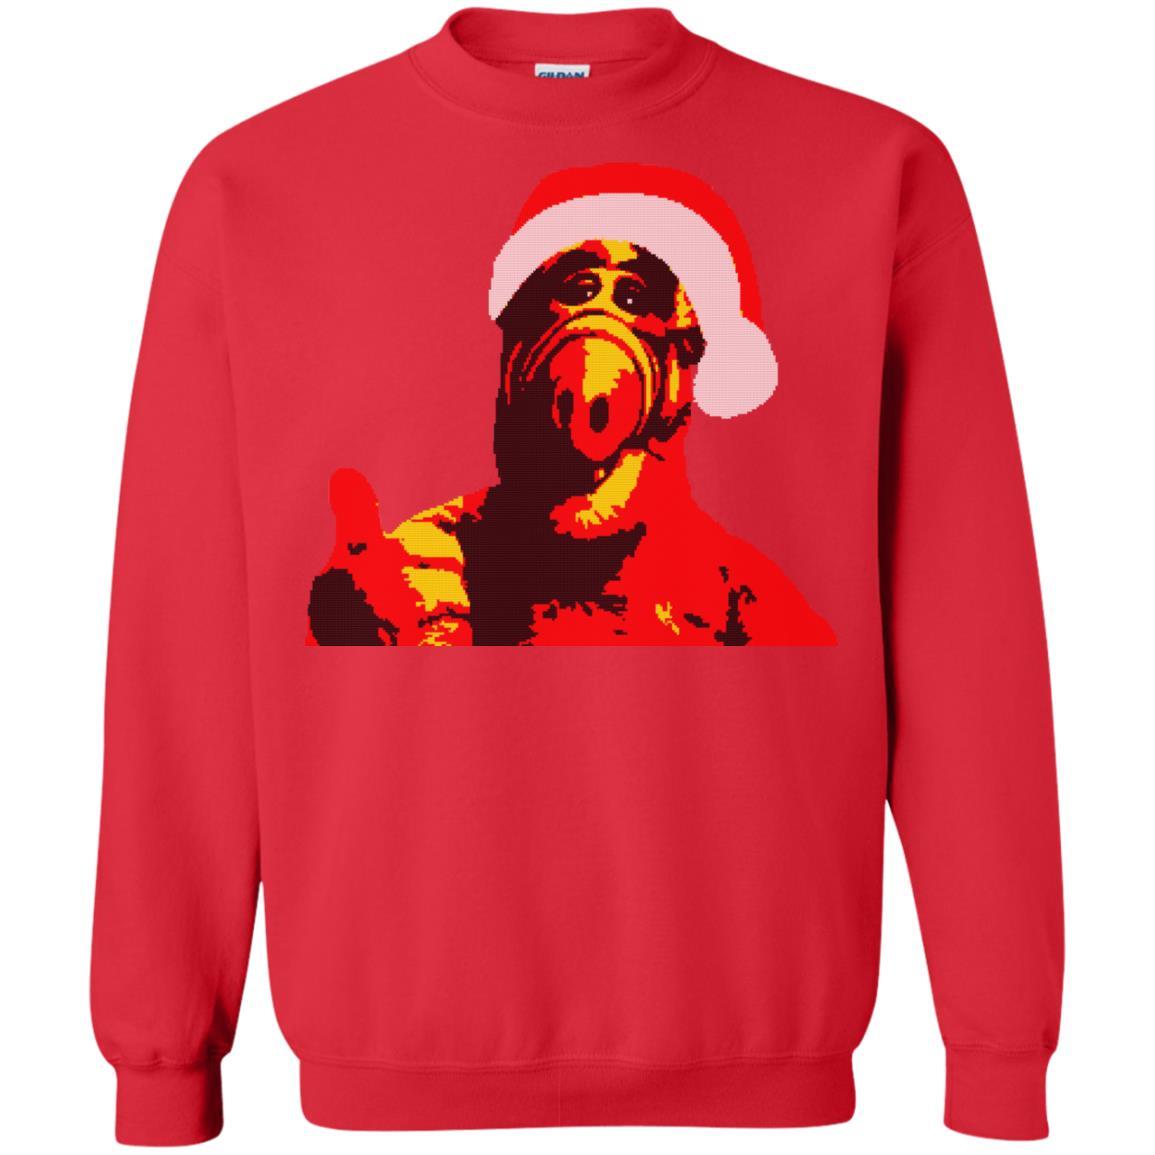 image 1031 - ALF Christmas Sweater, Hoodie, Long Sleeve